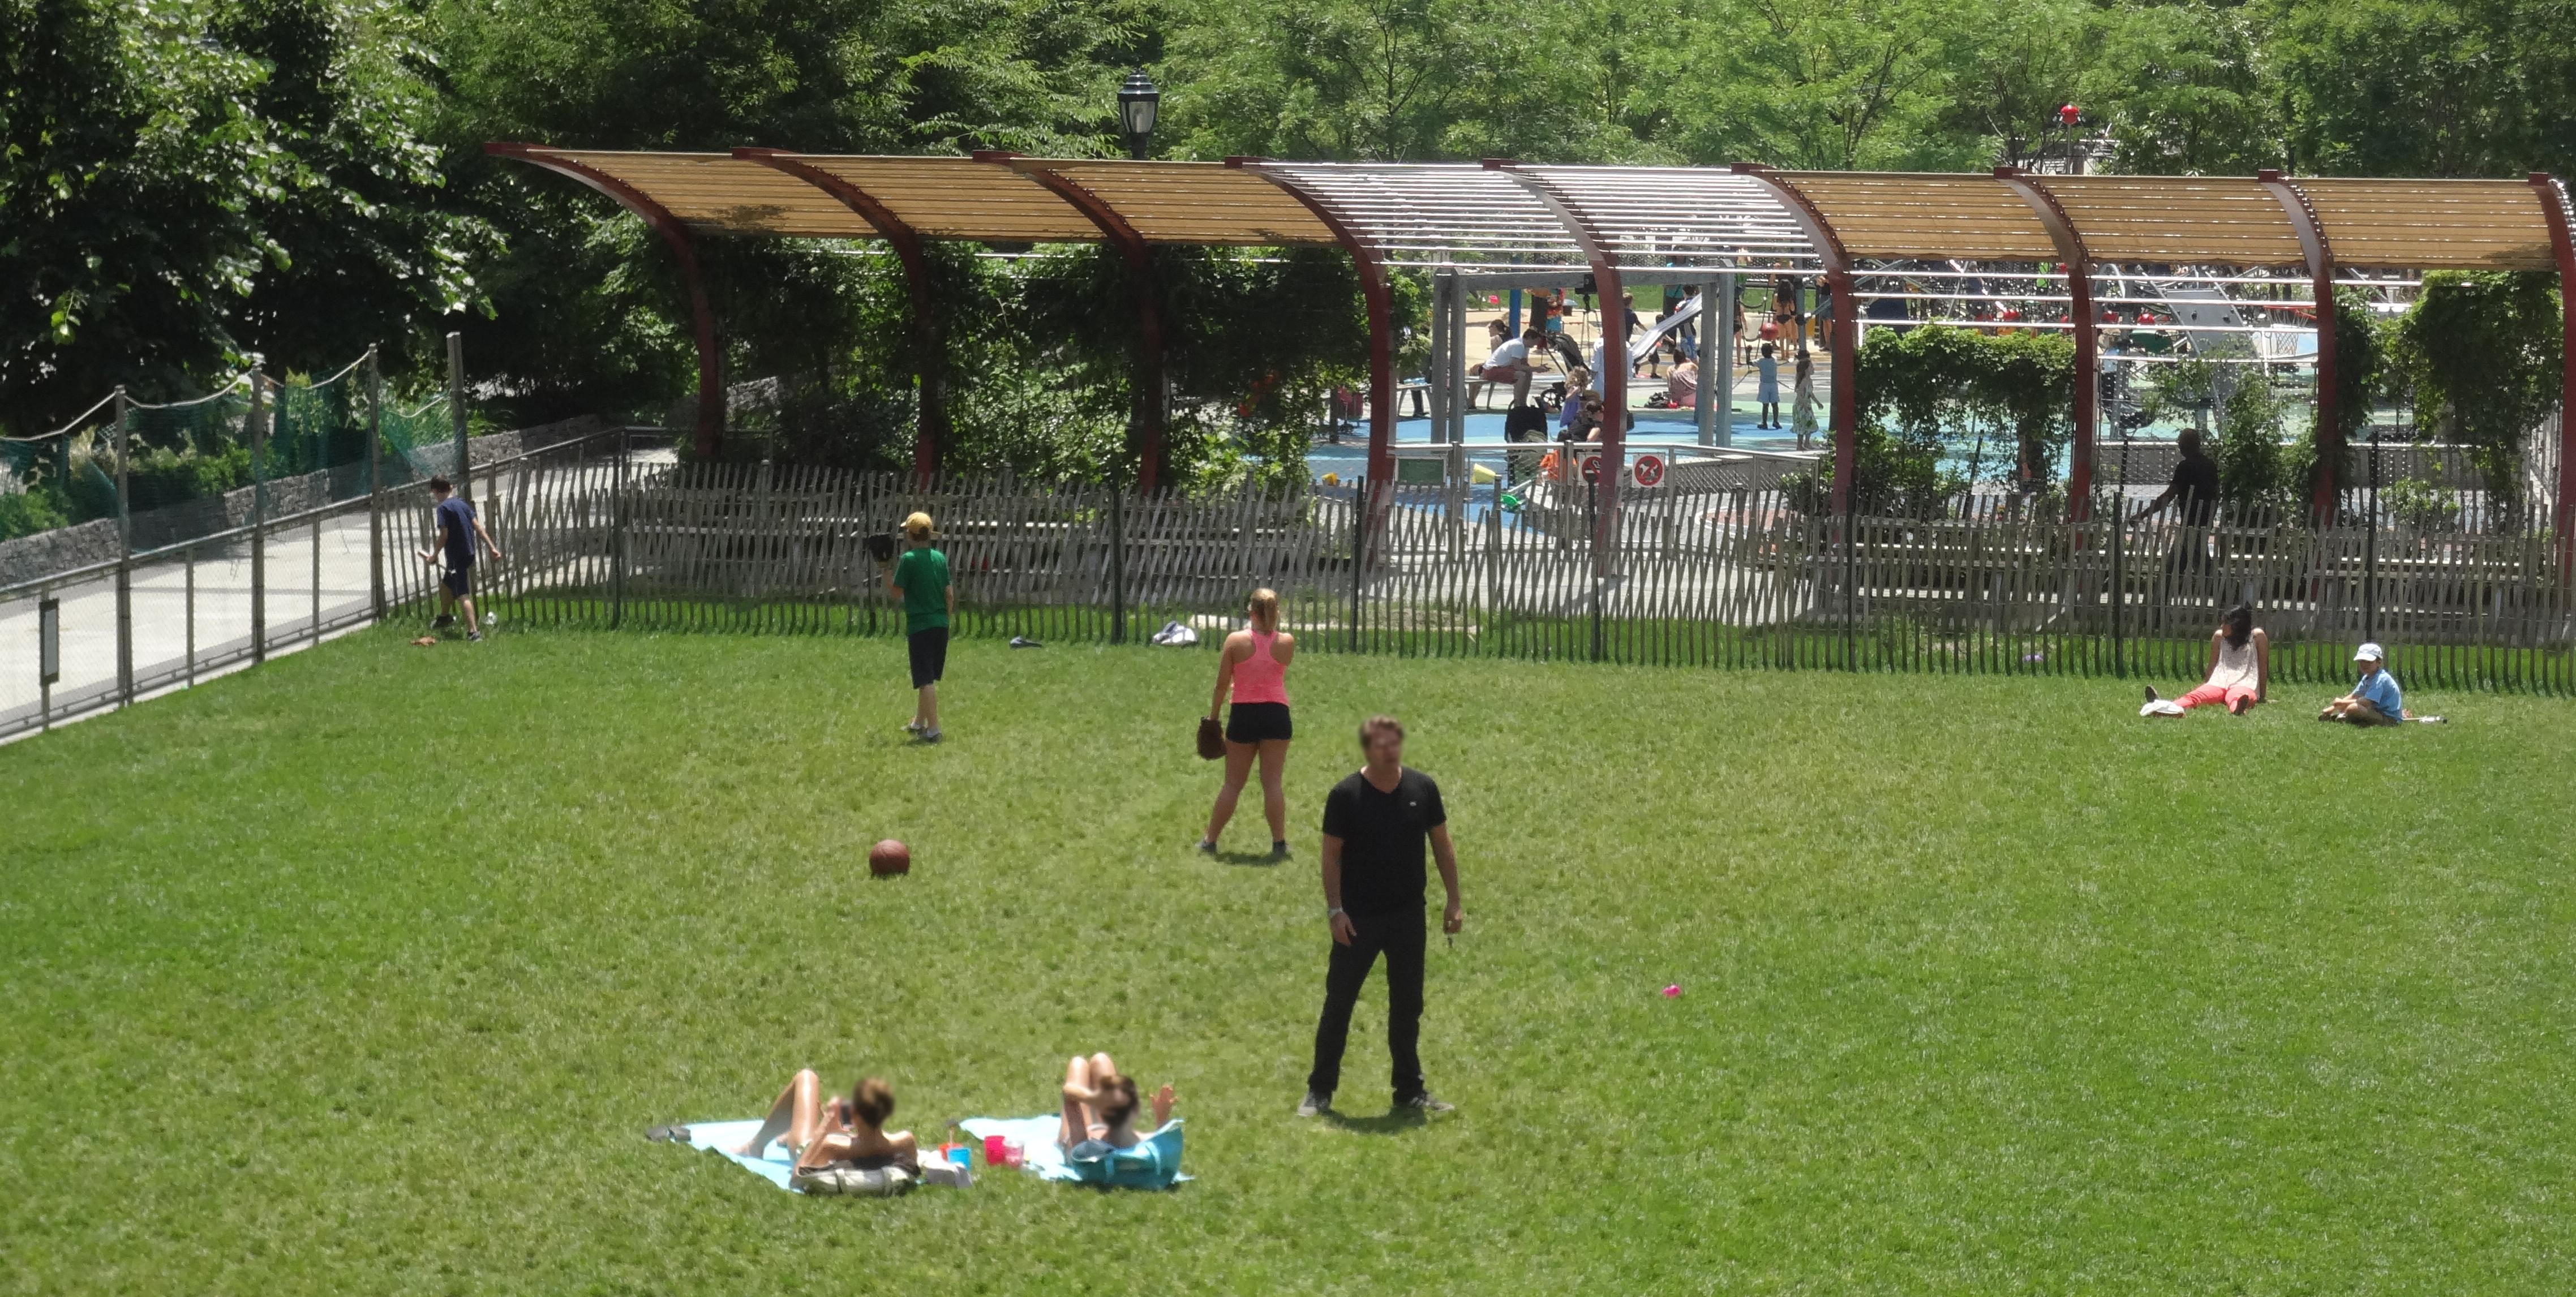 Sunbathers 6-9-2013